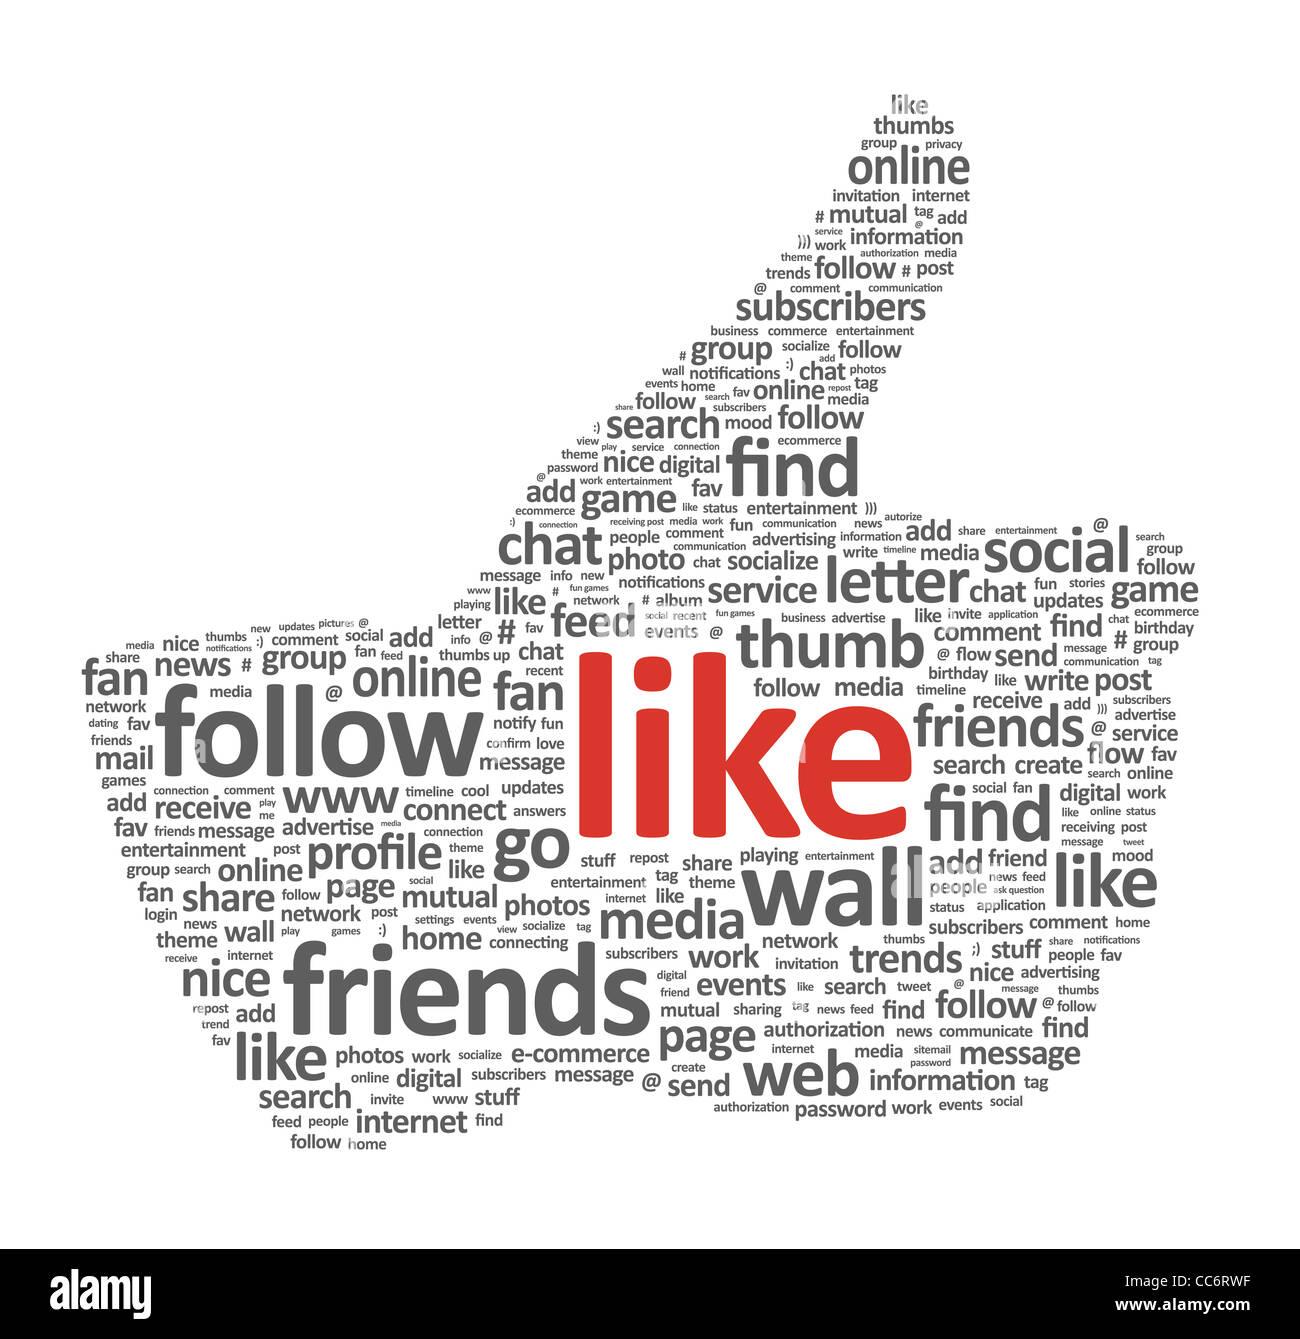 Ilustración del dedo pulgar hacia arriba el símbolo, que se compone de palabras sobre temas de medios sociales. Aislado en blanco. Foto de stock